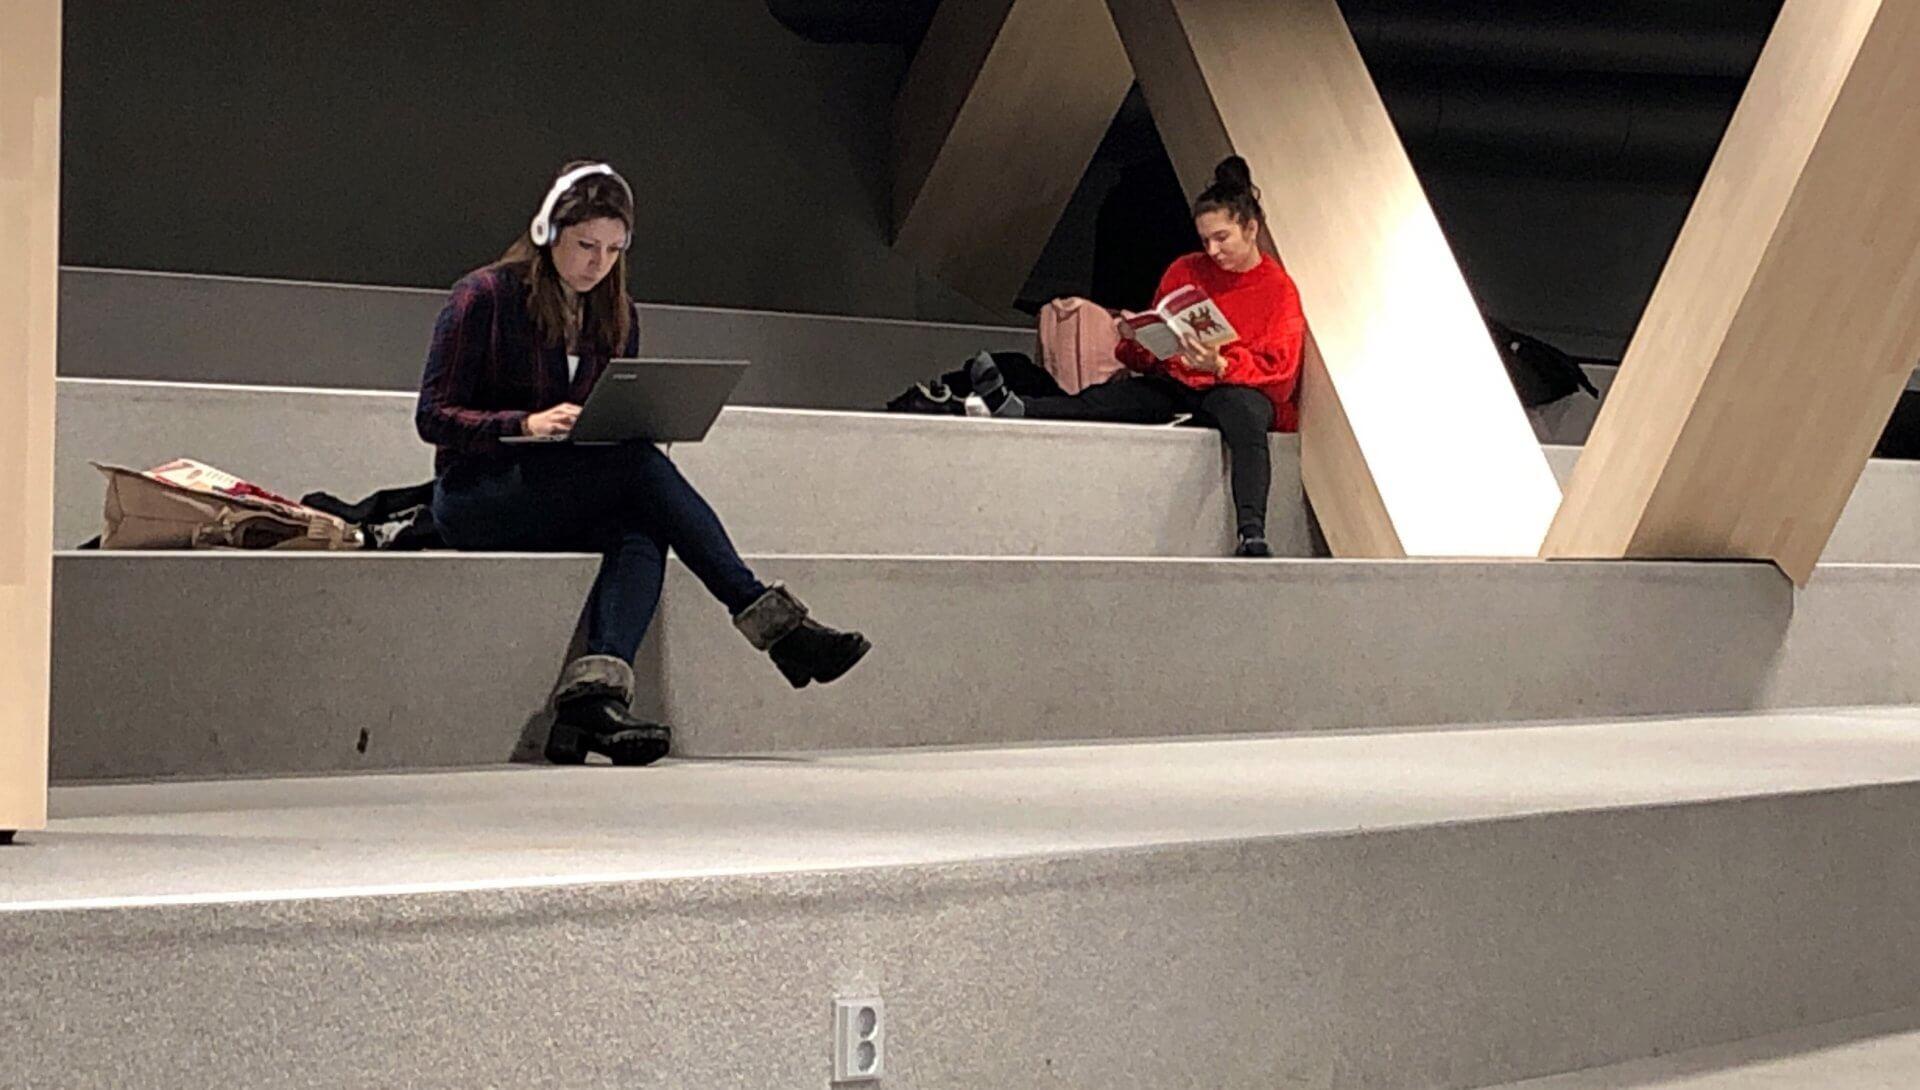 段差に腰掛けながらパソコンや読書を楽しむヘルシンキ市民。コンセントも自由に利用できる